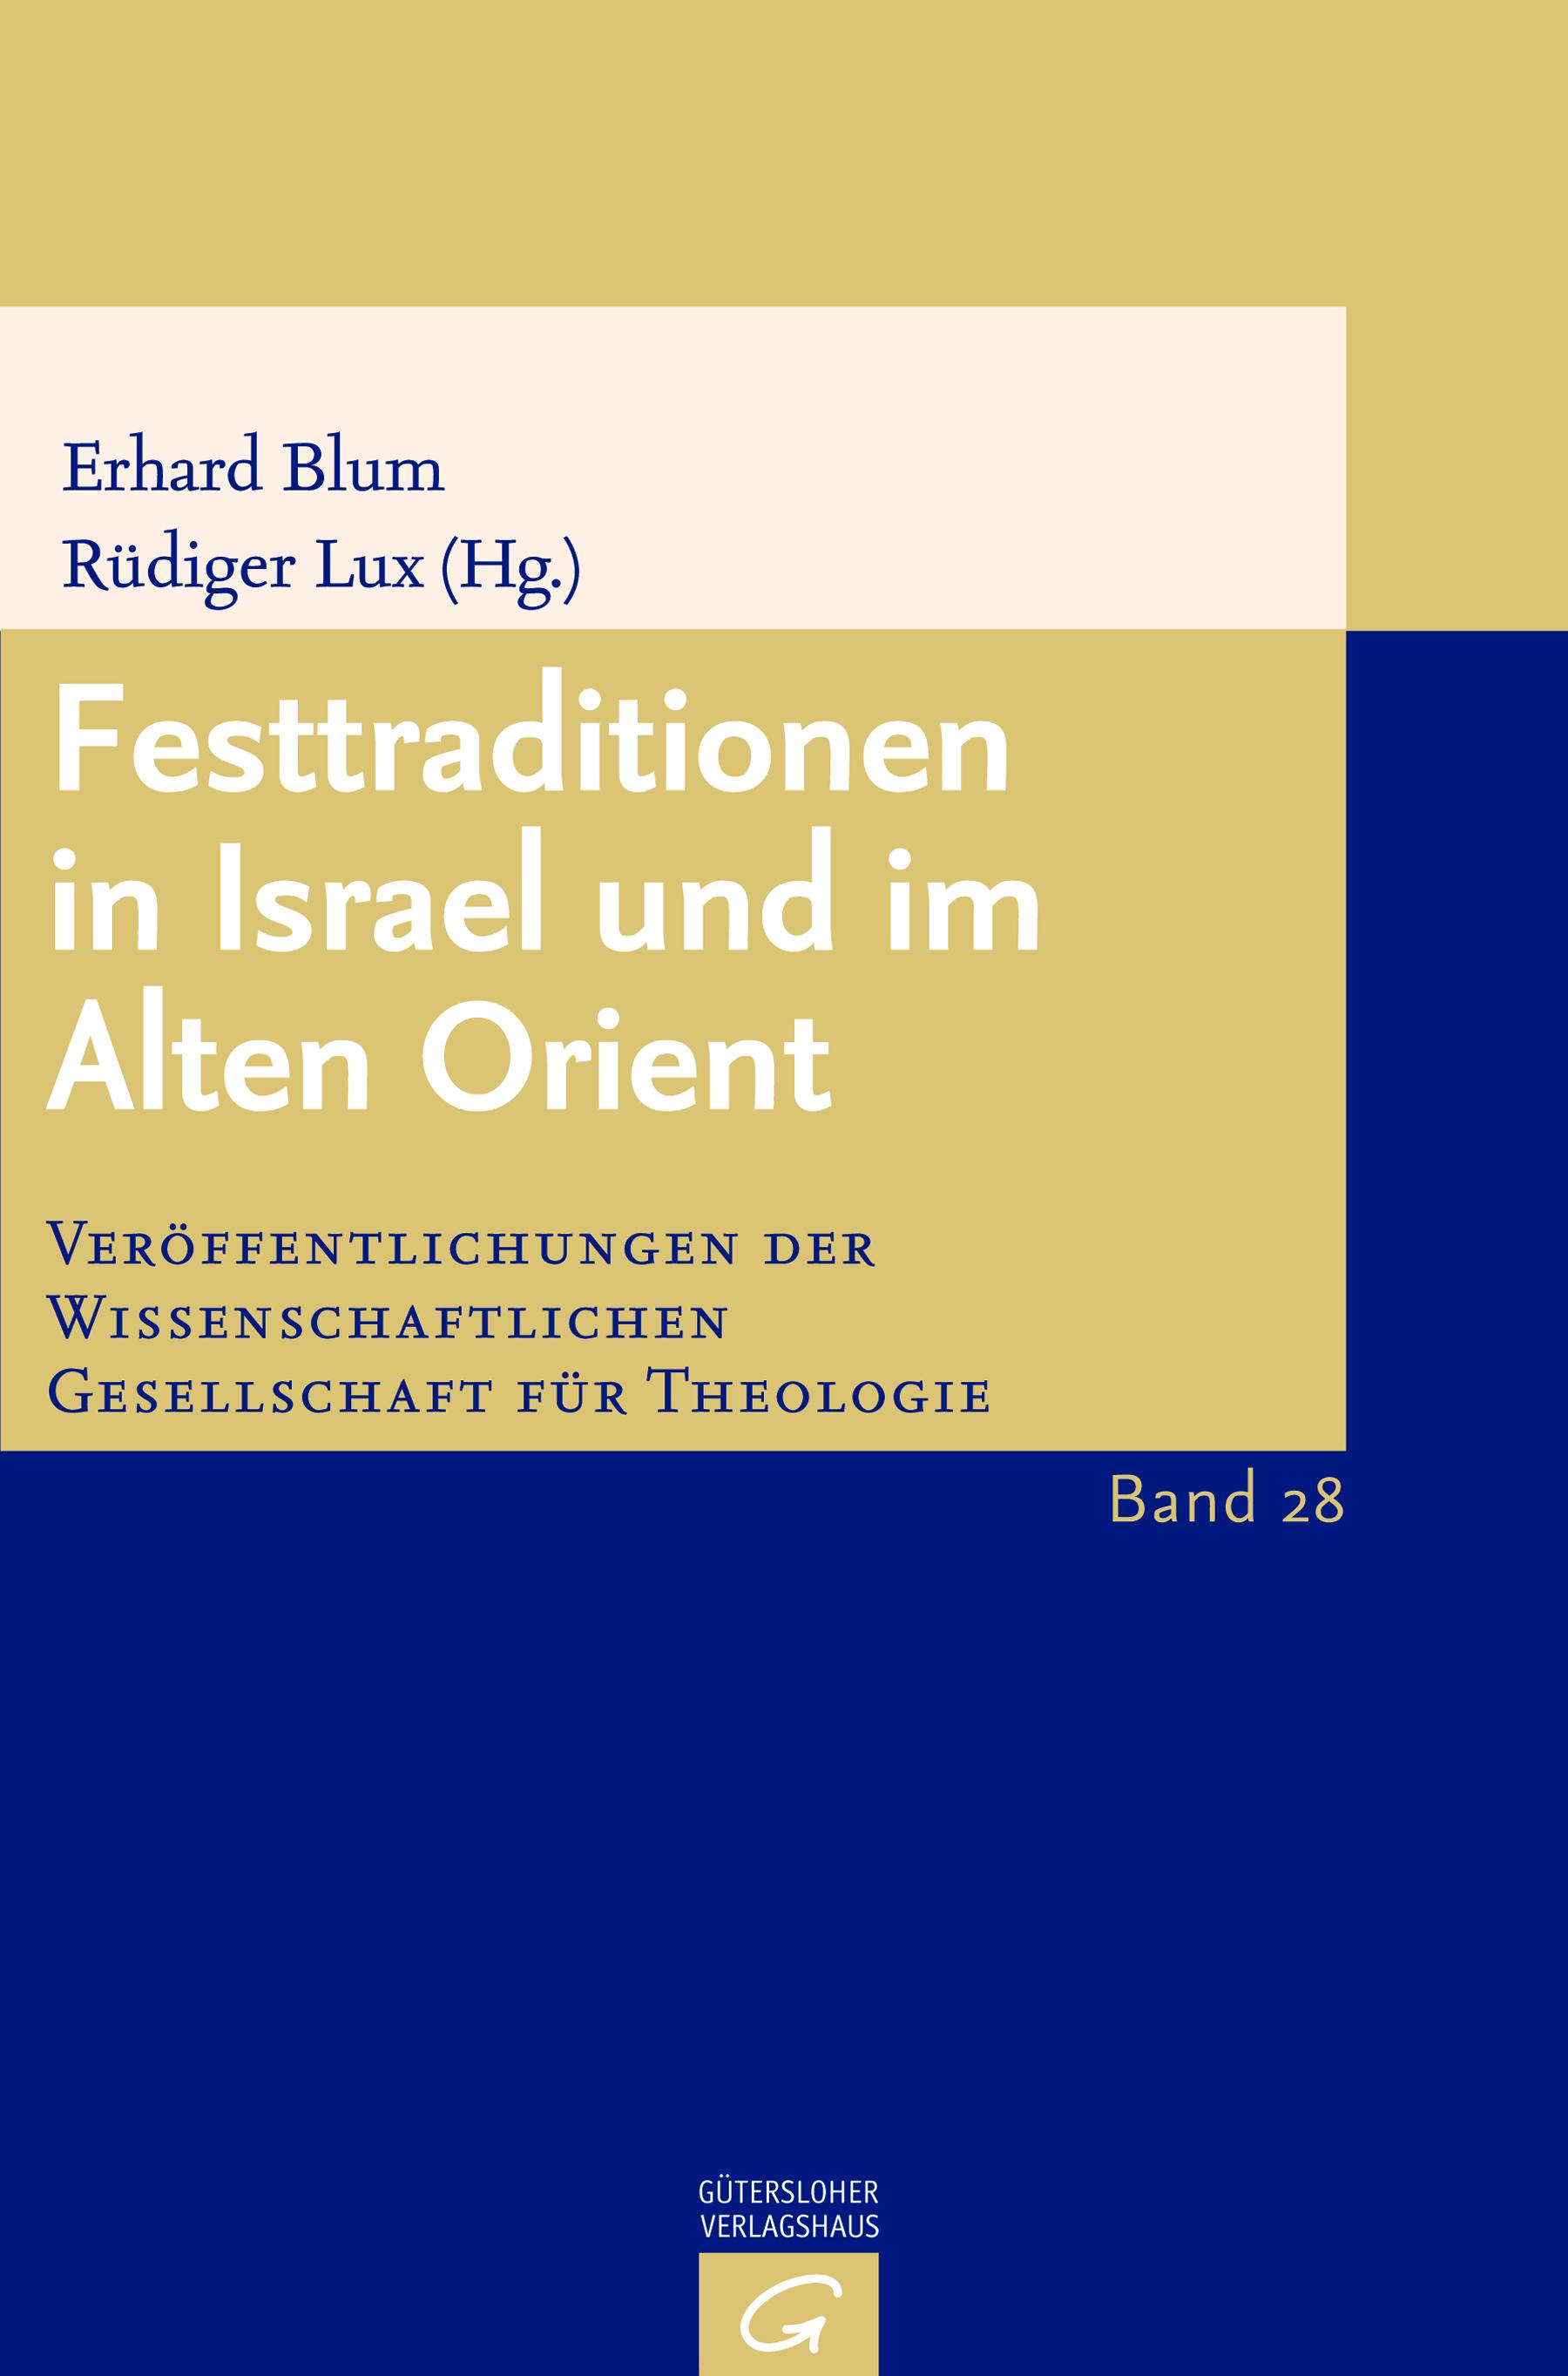 Festtraditionen in Israel und im Alten Orient (VWGTh 28)